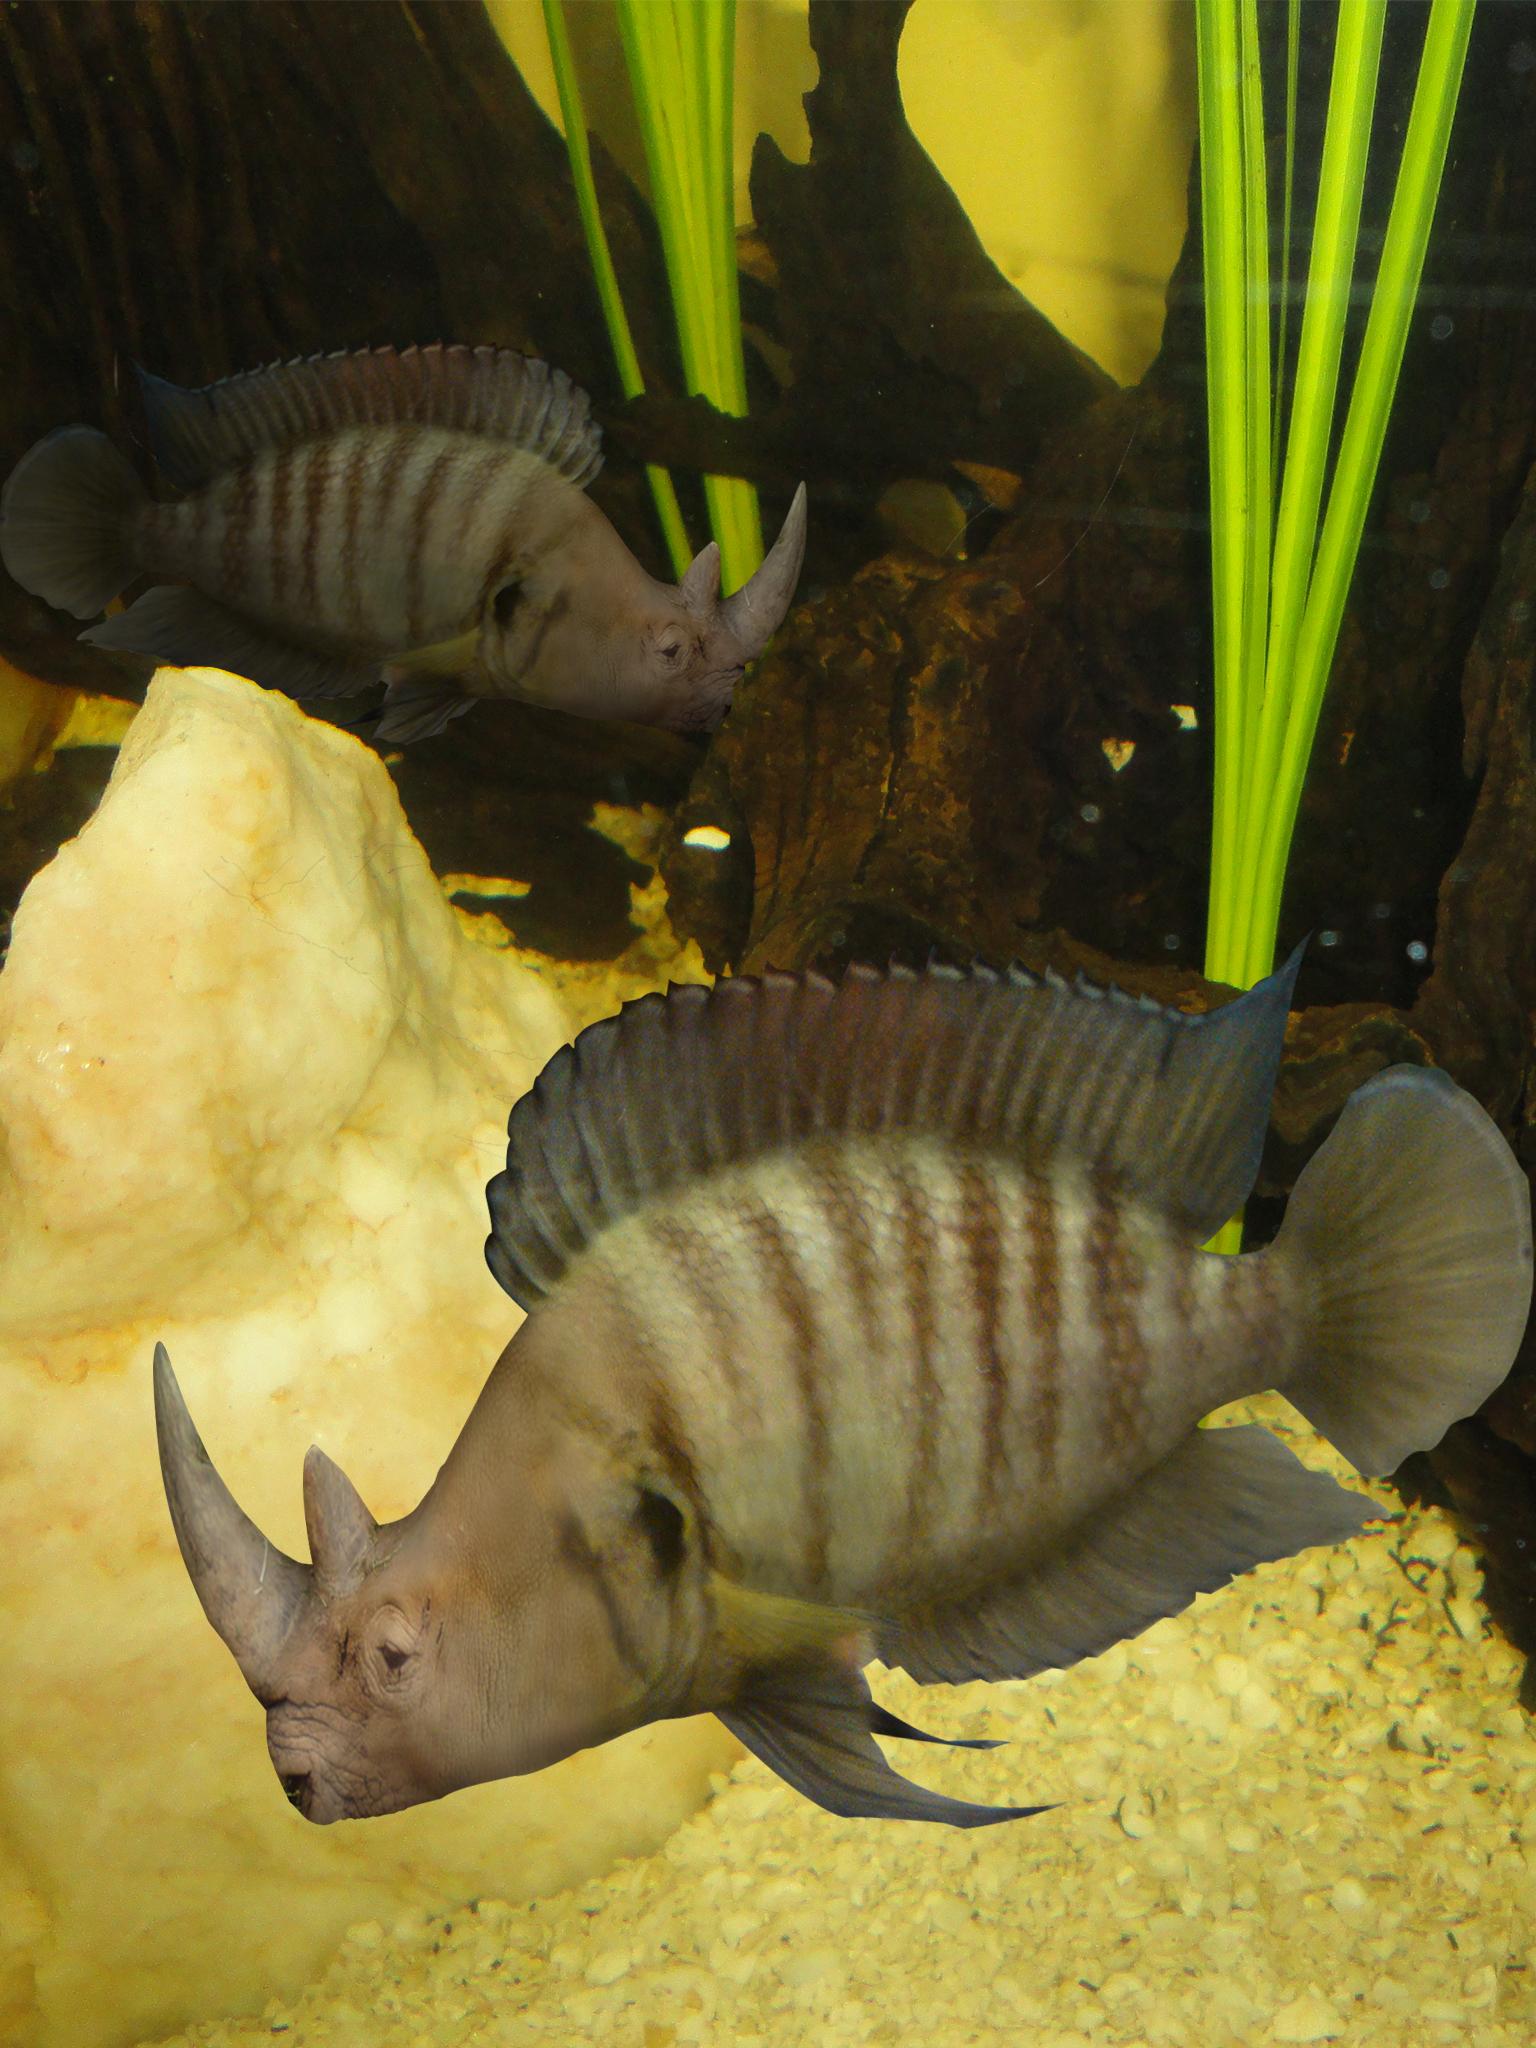 RhinoFish in Environment